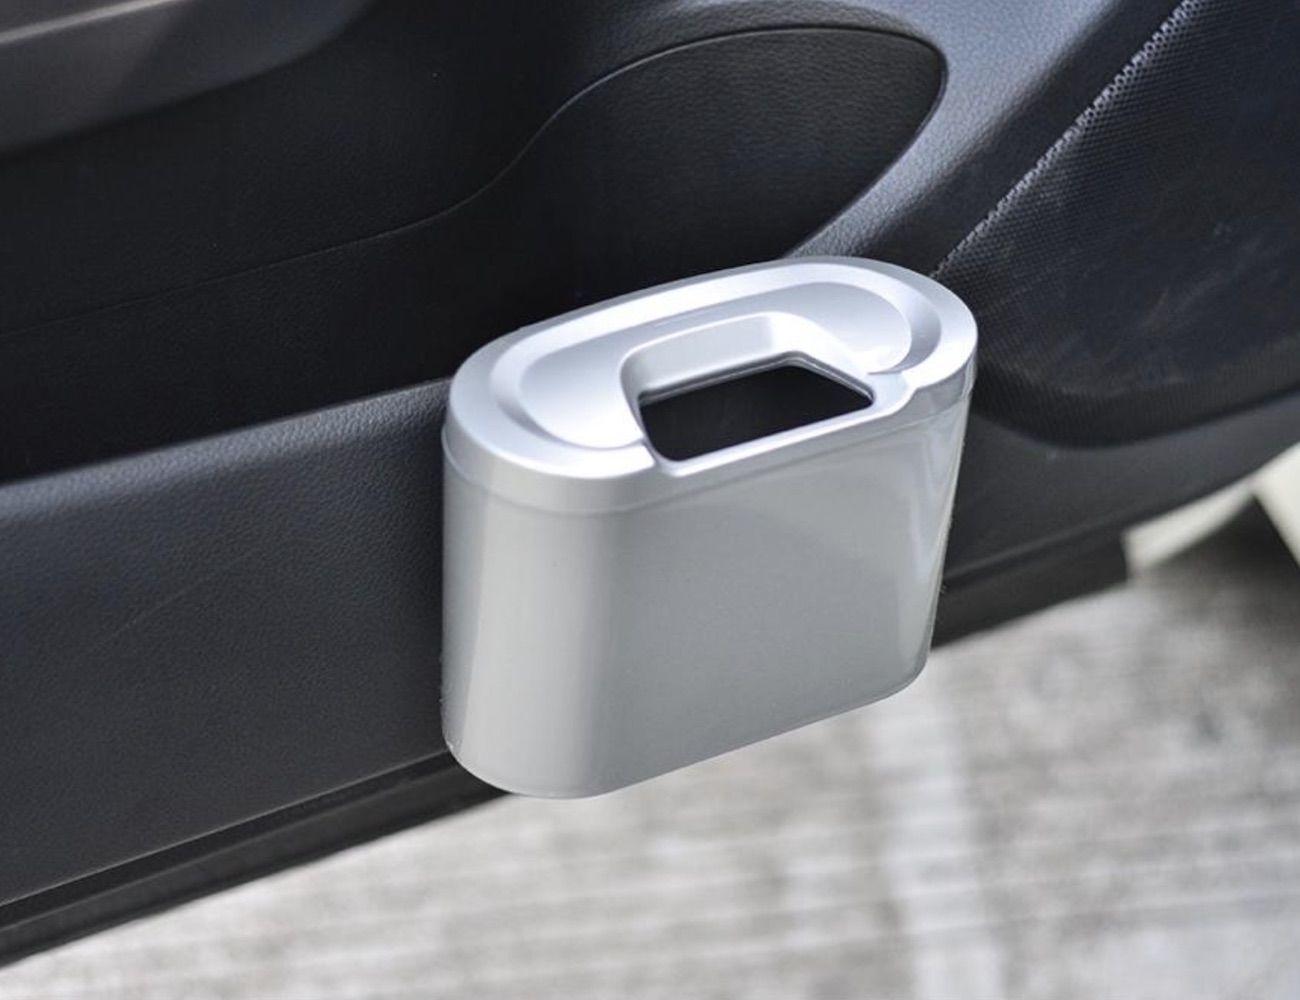 Universal Car Garbage Bin